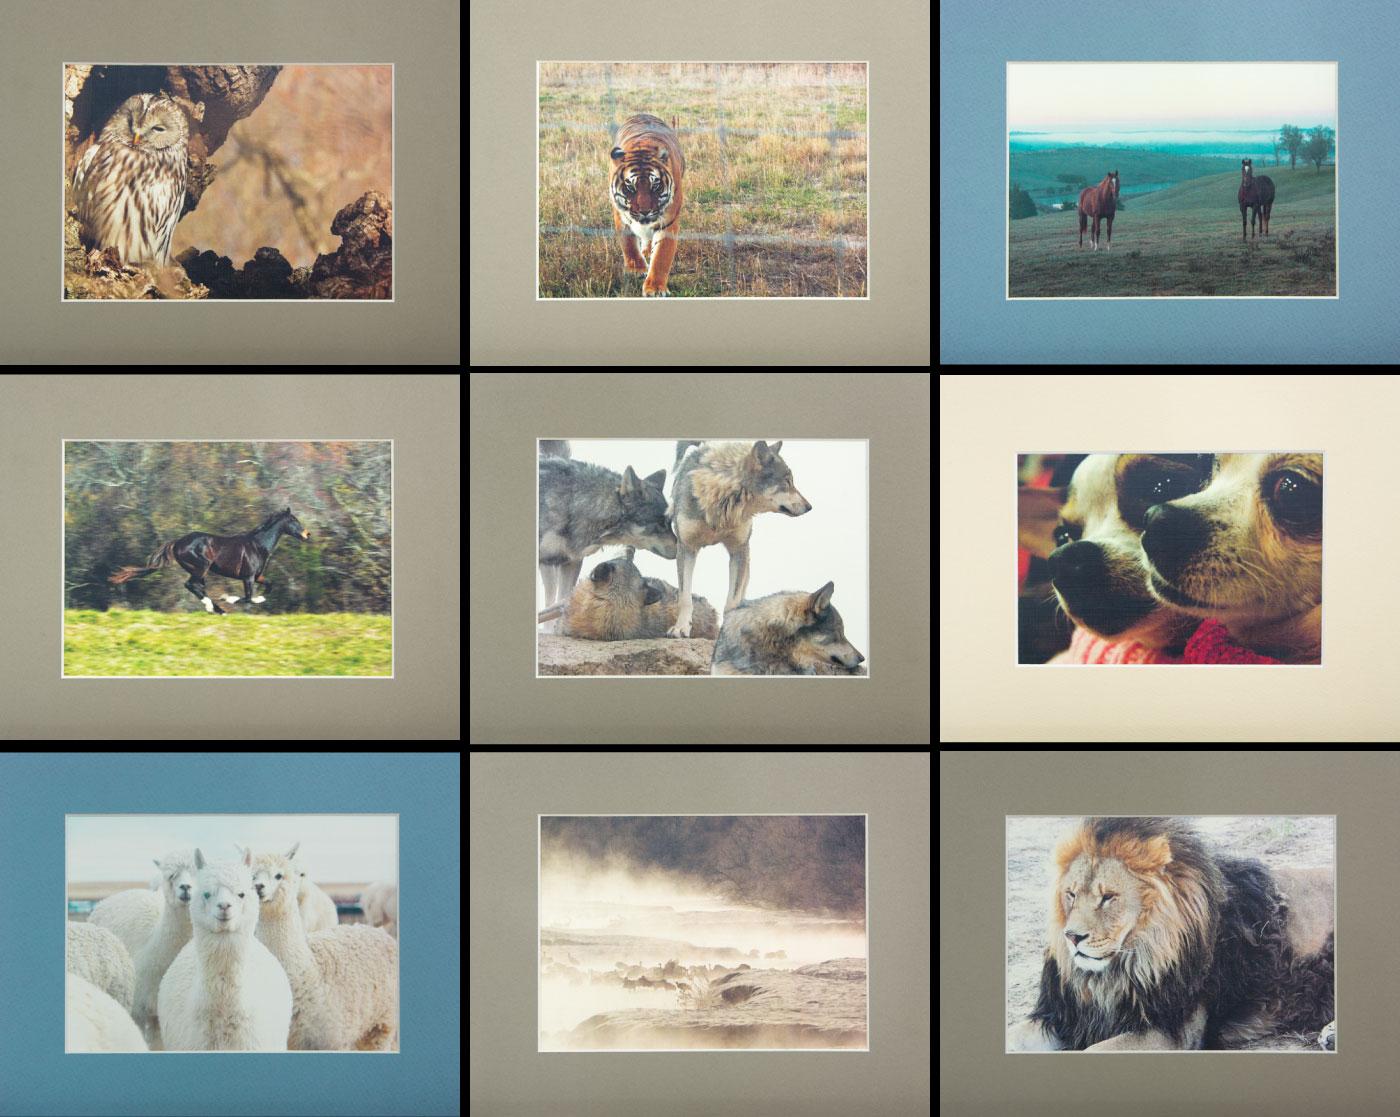 レスキューされた動物達の尊厳に感動しよう。「ステキ!」作品に登場した動物のマット台紙つき写真プリント